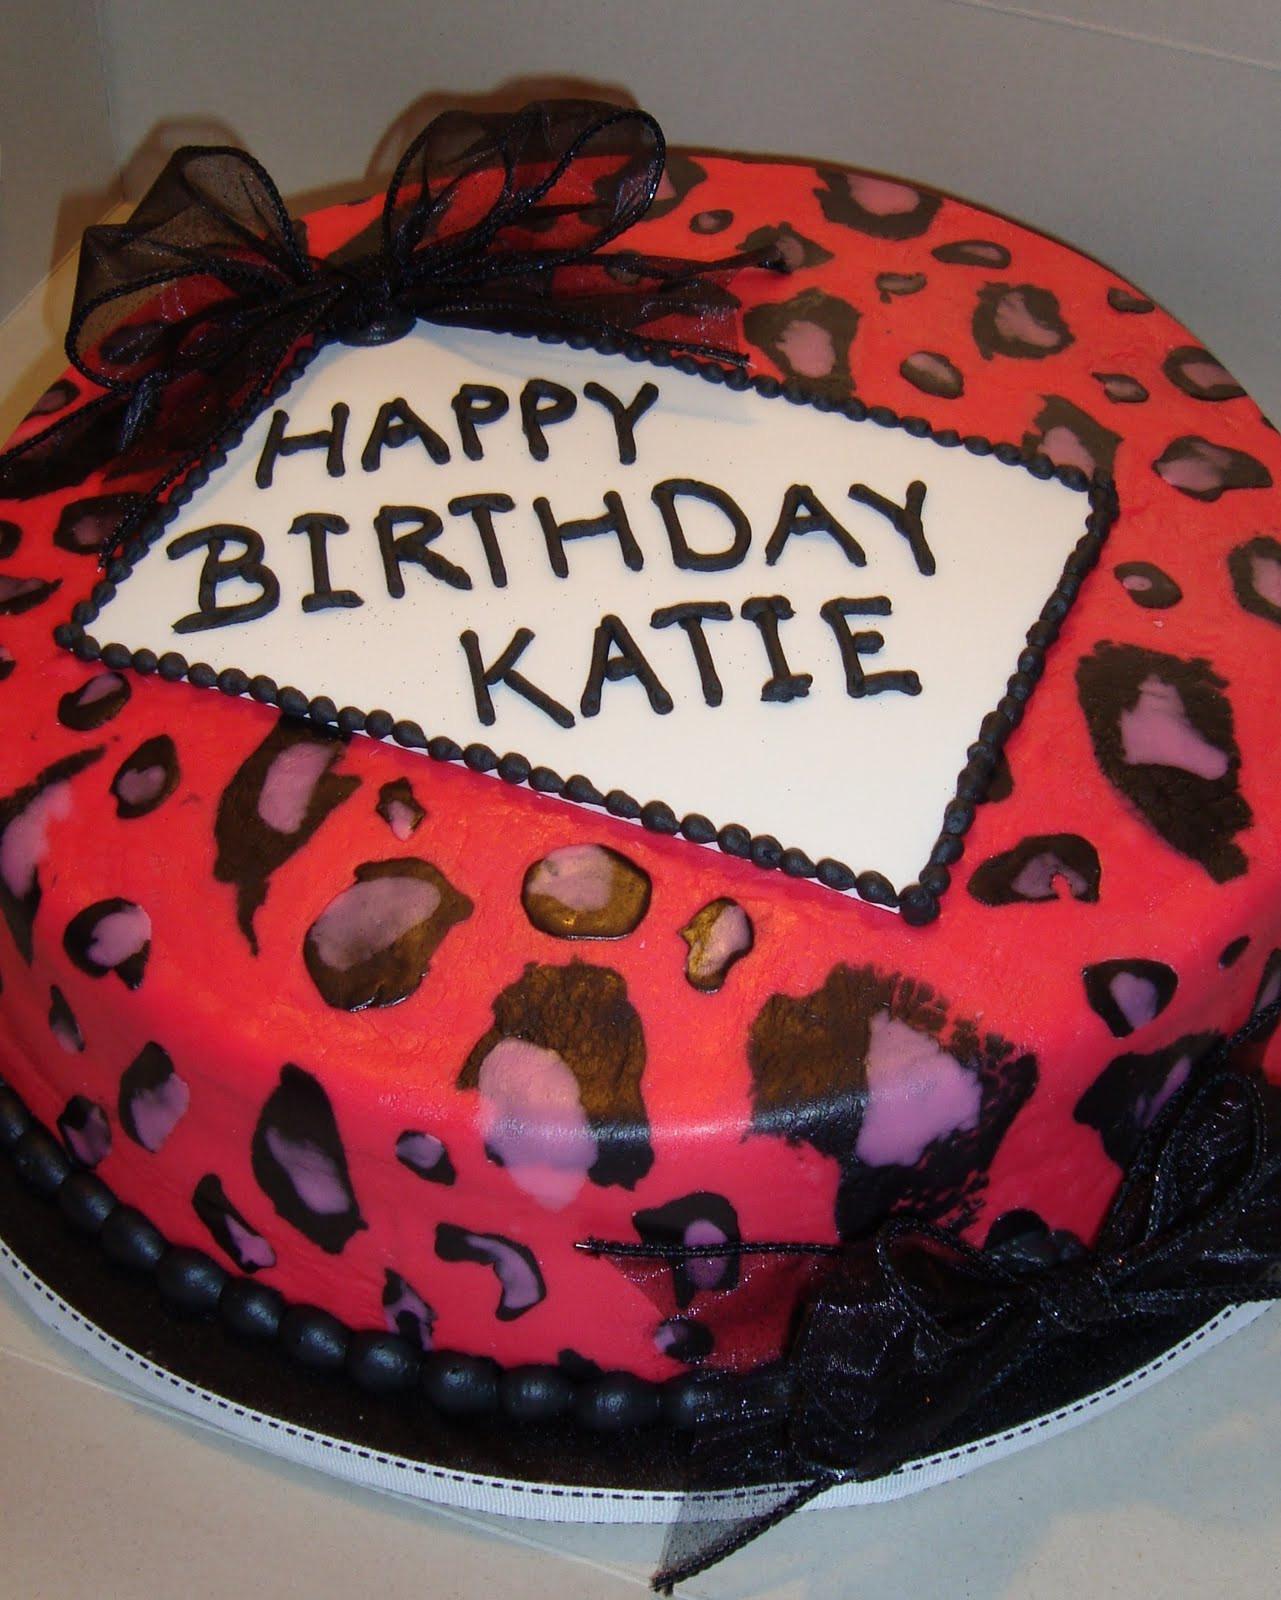 Best ideas about Happy Birthday Katie Cake . Save or Pin Re Happy Birthday Katie1724 Page 2 BeautyTalk Now.